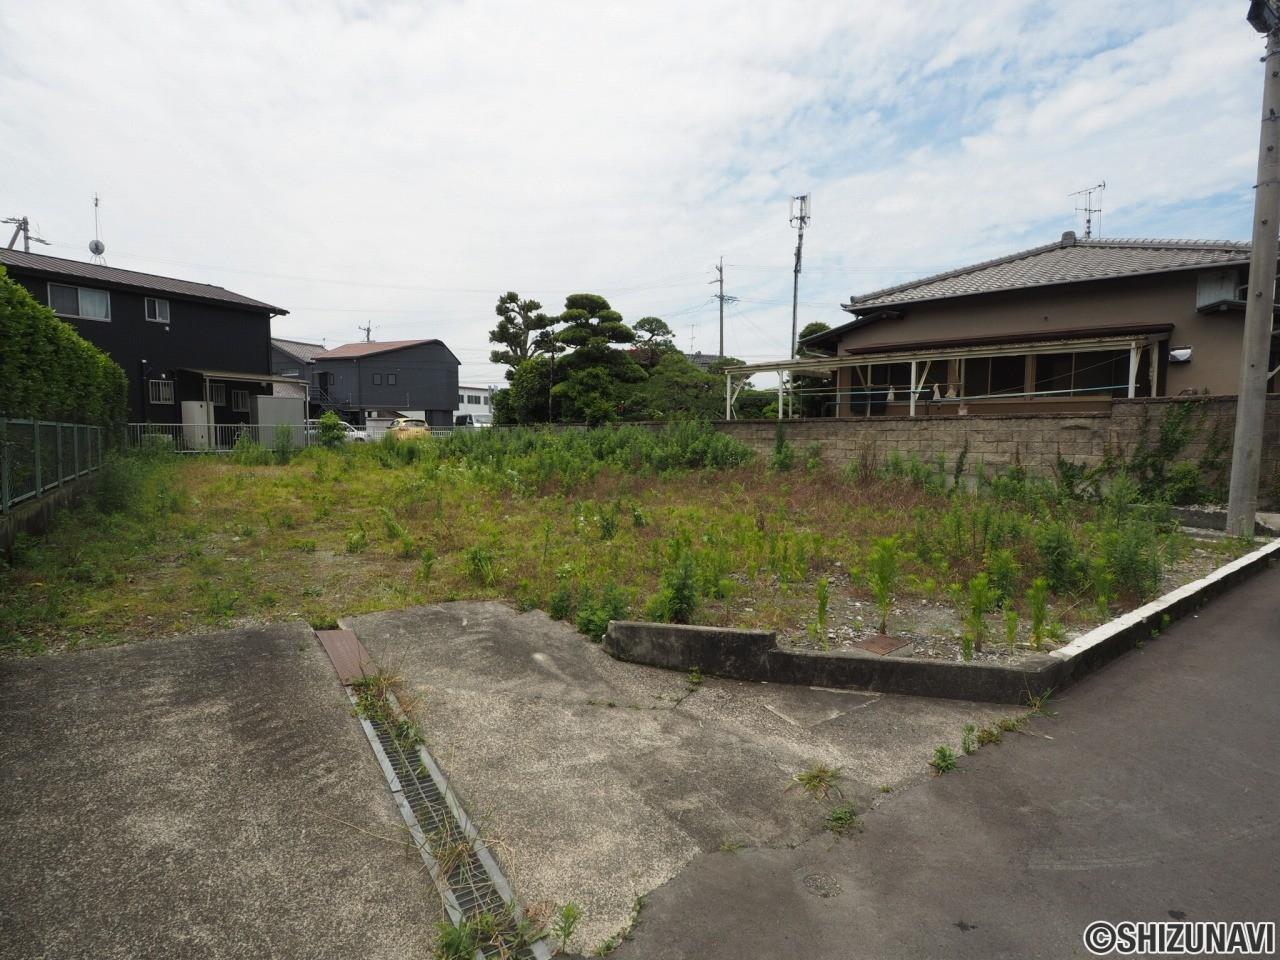 島田市向島町 売土地 300㎡超の広い敷地です。建築条件はありません。